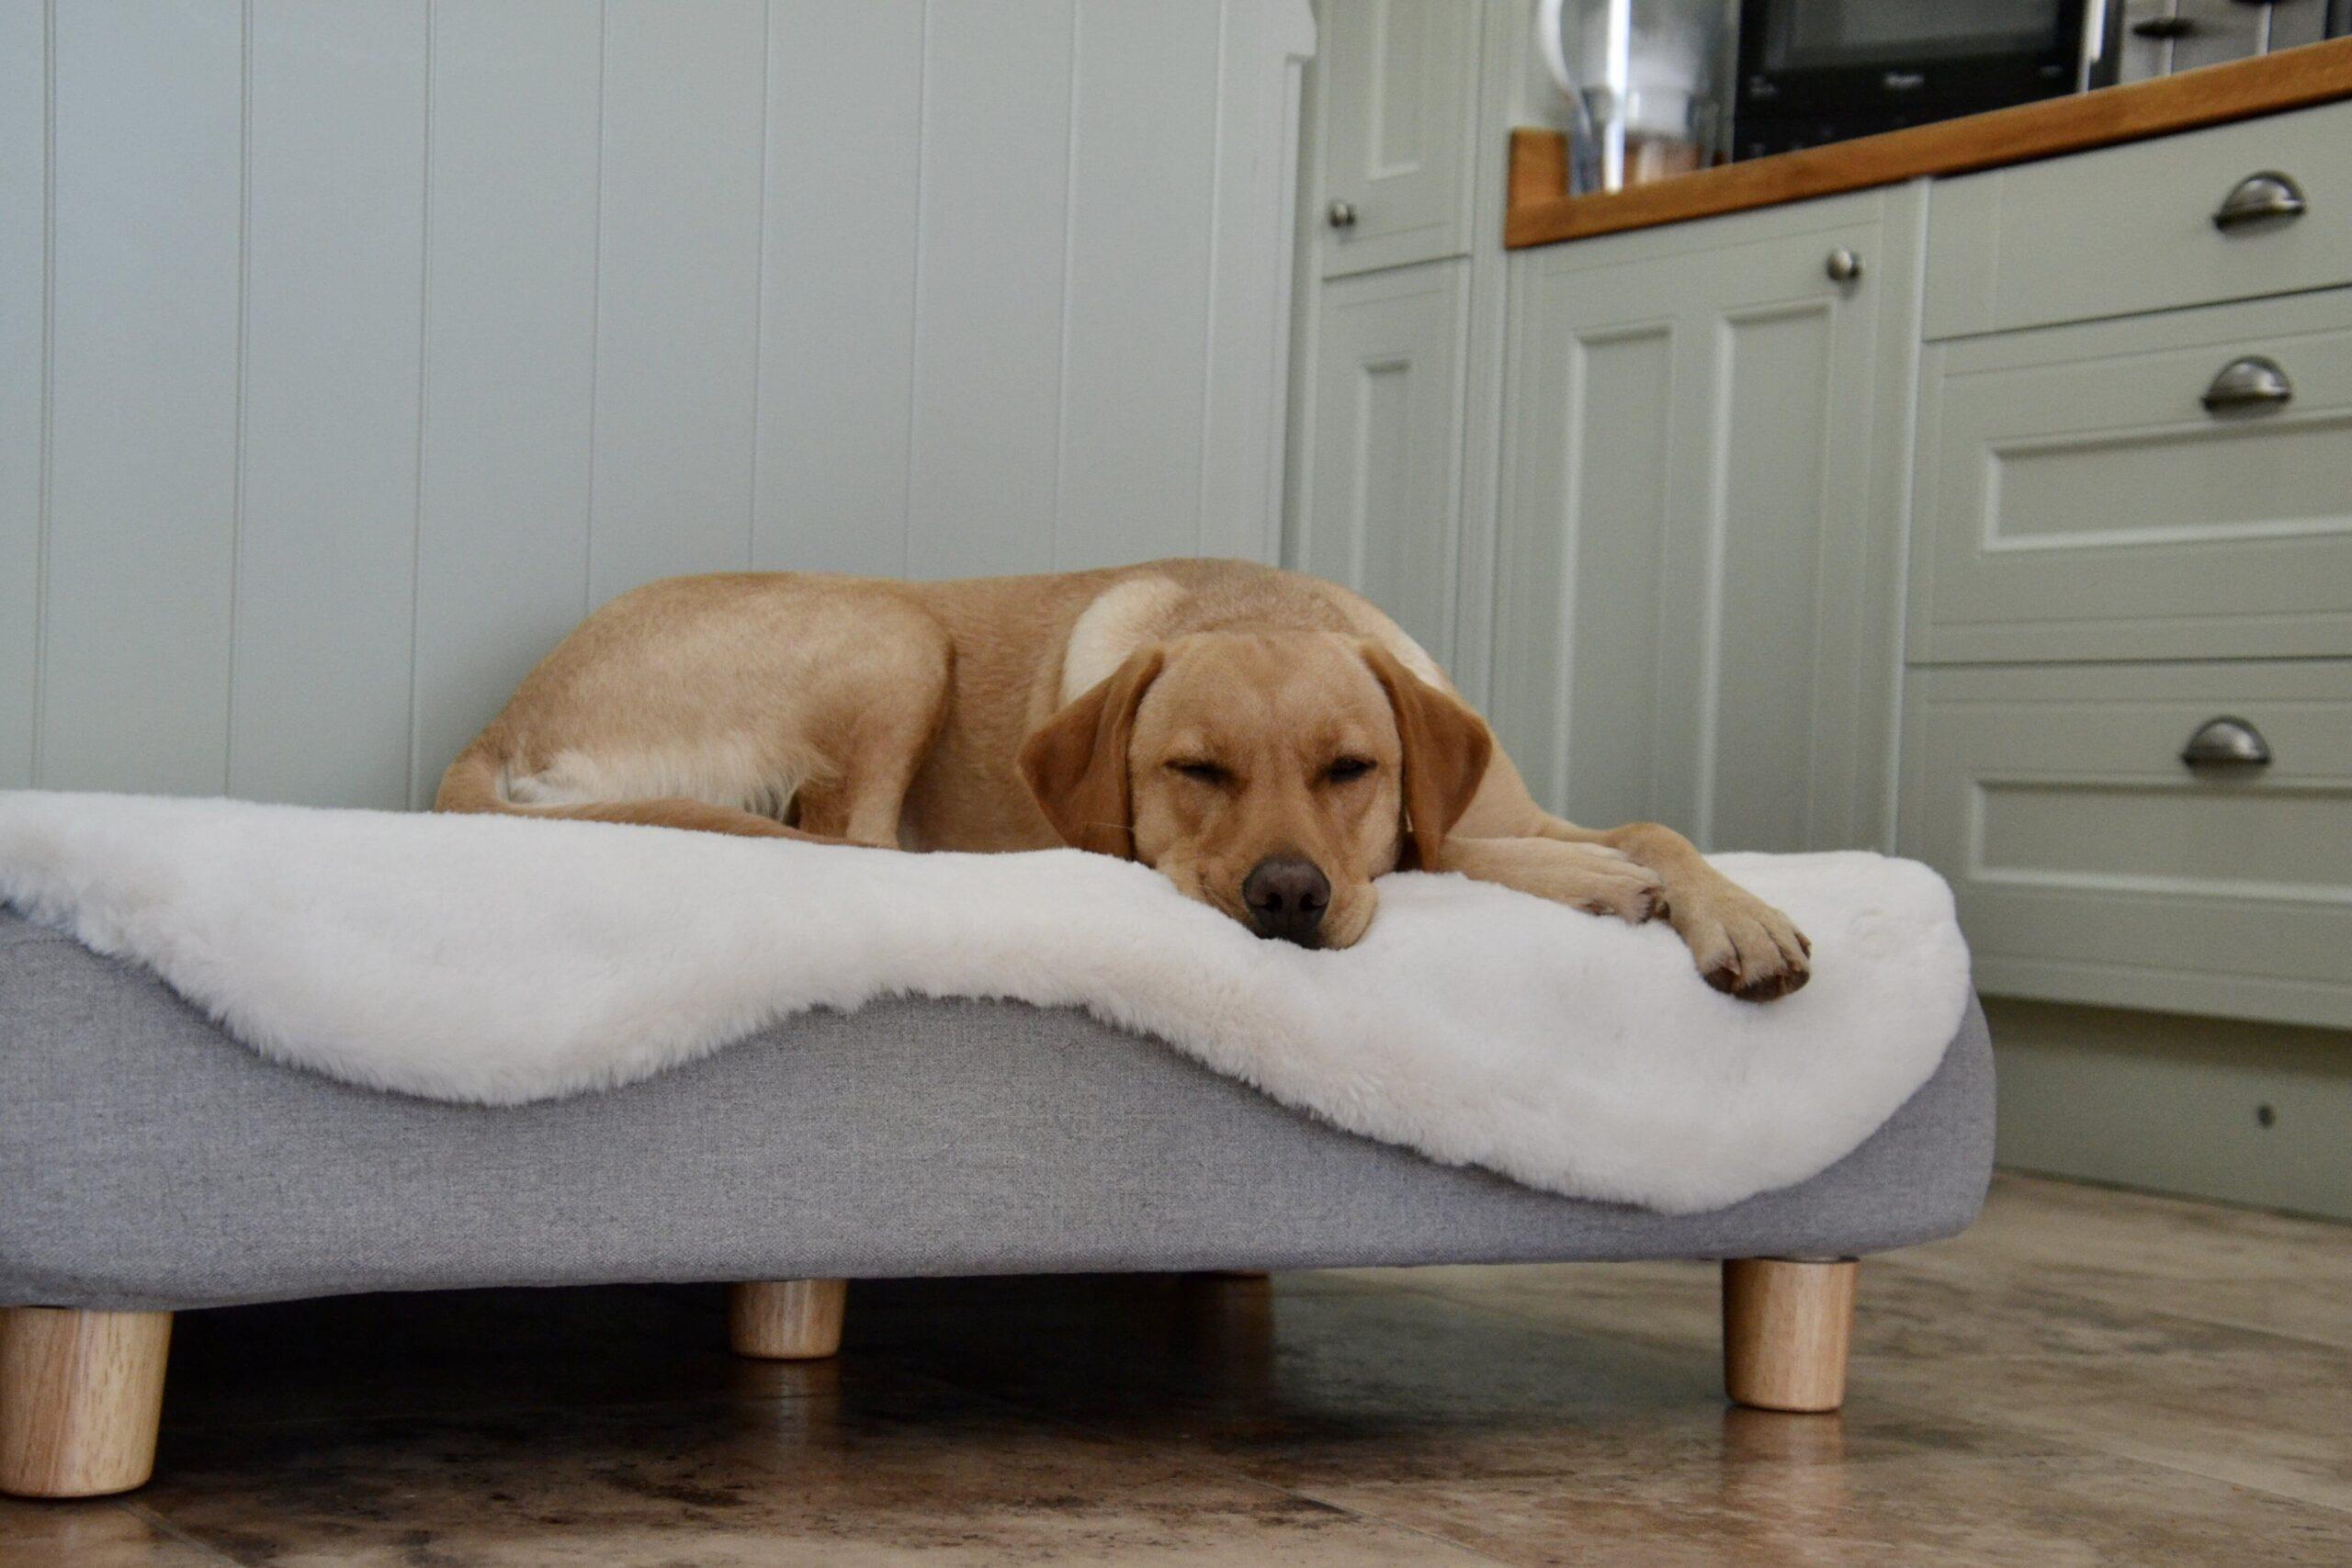 Ein Labrador liegt auf einem Topology Bett